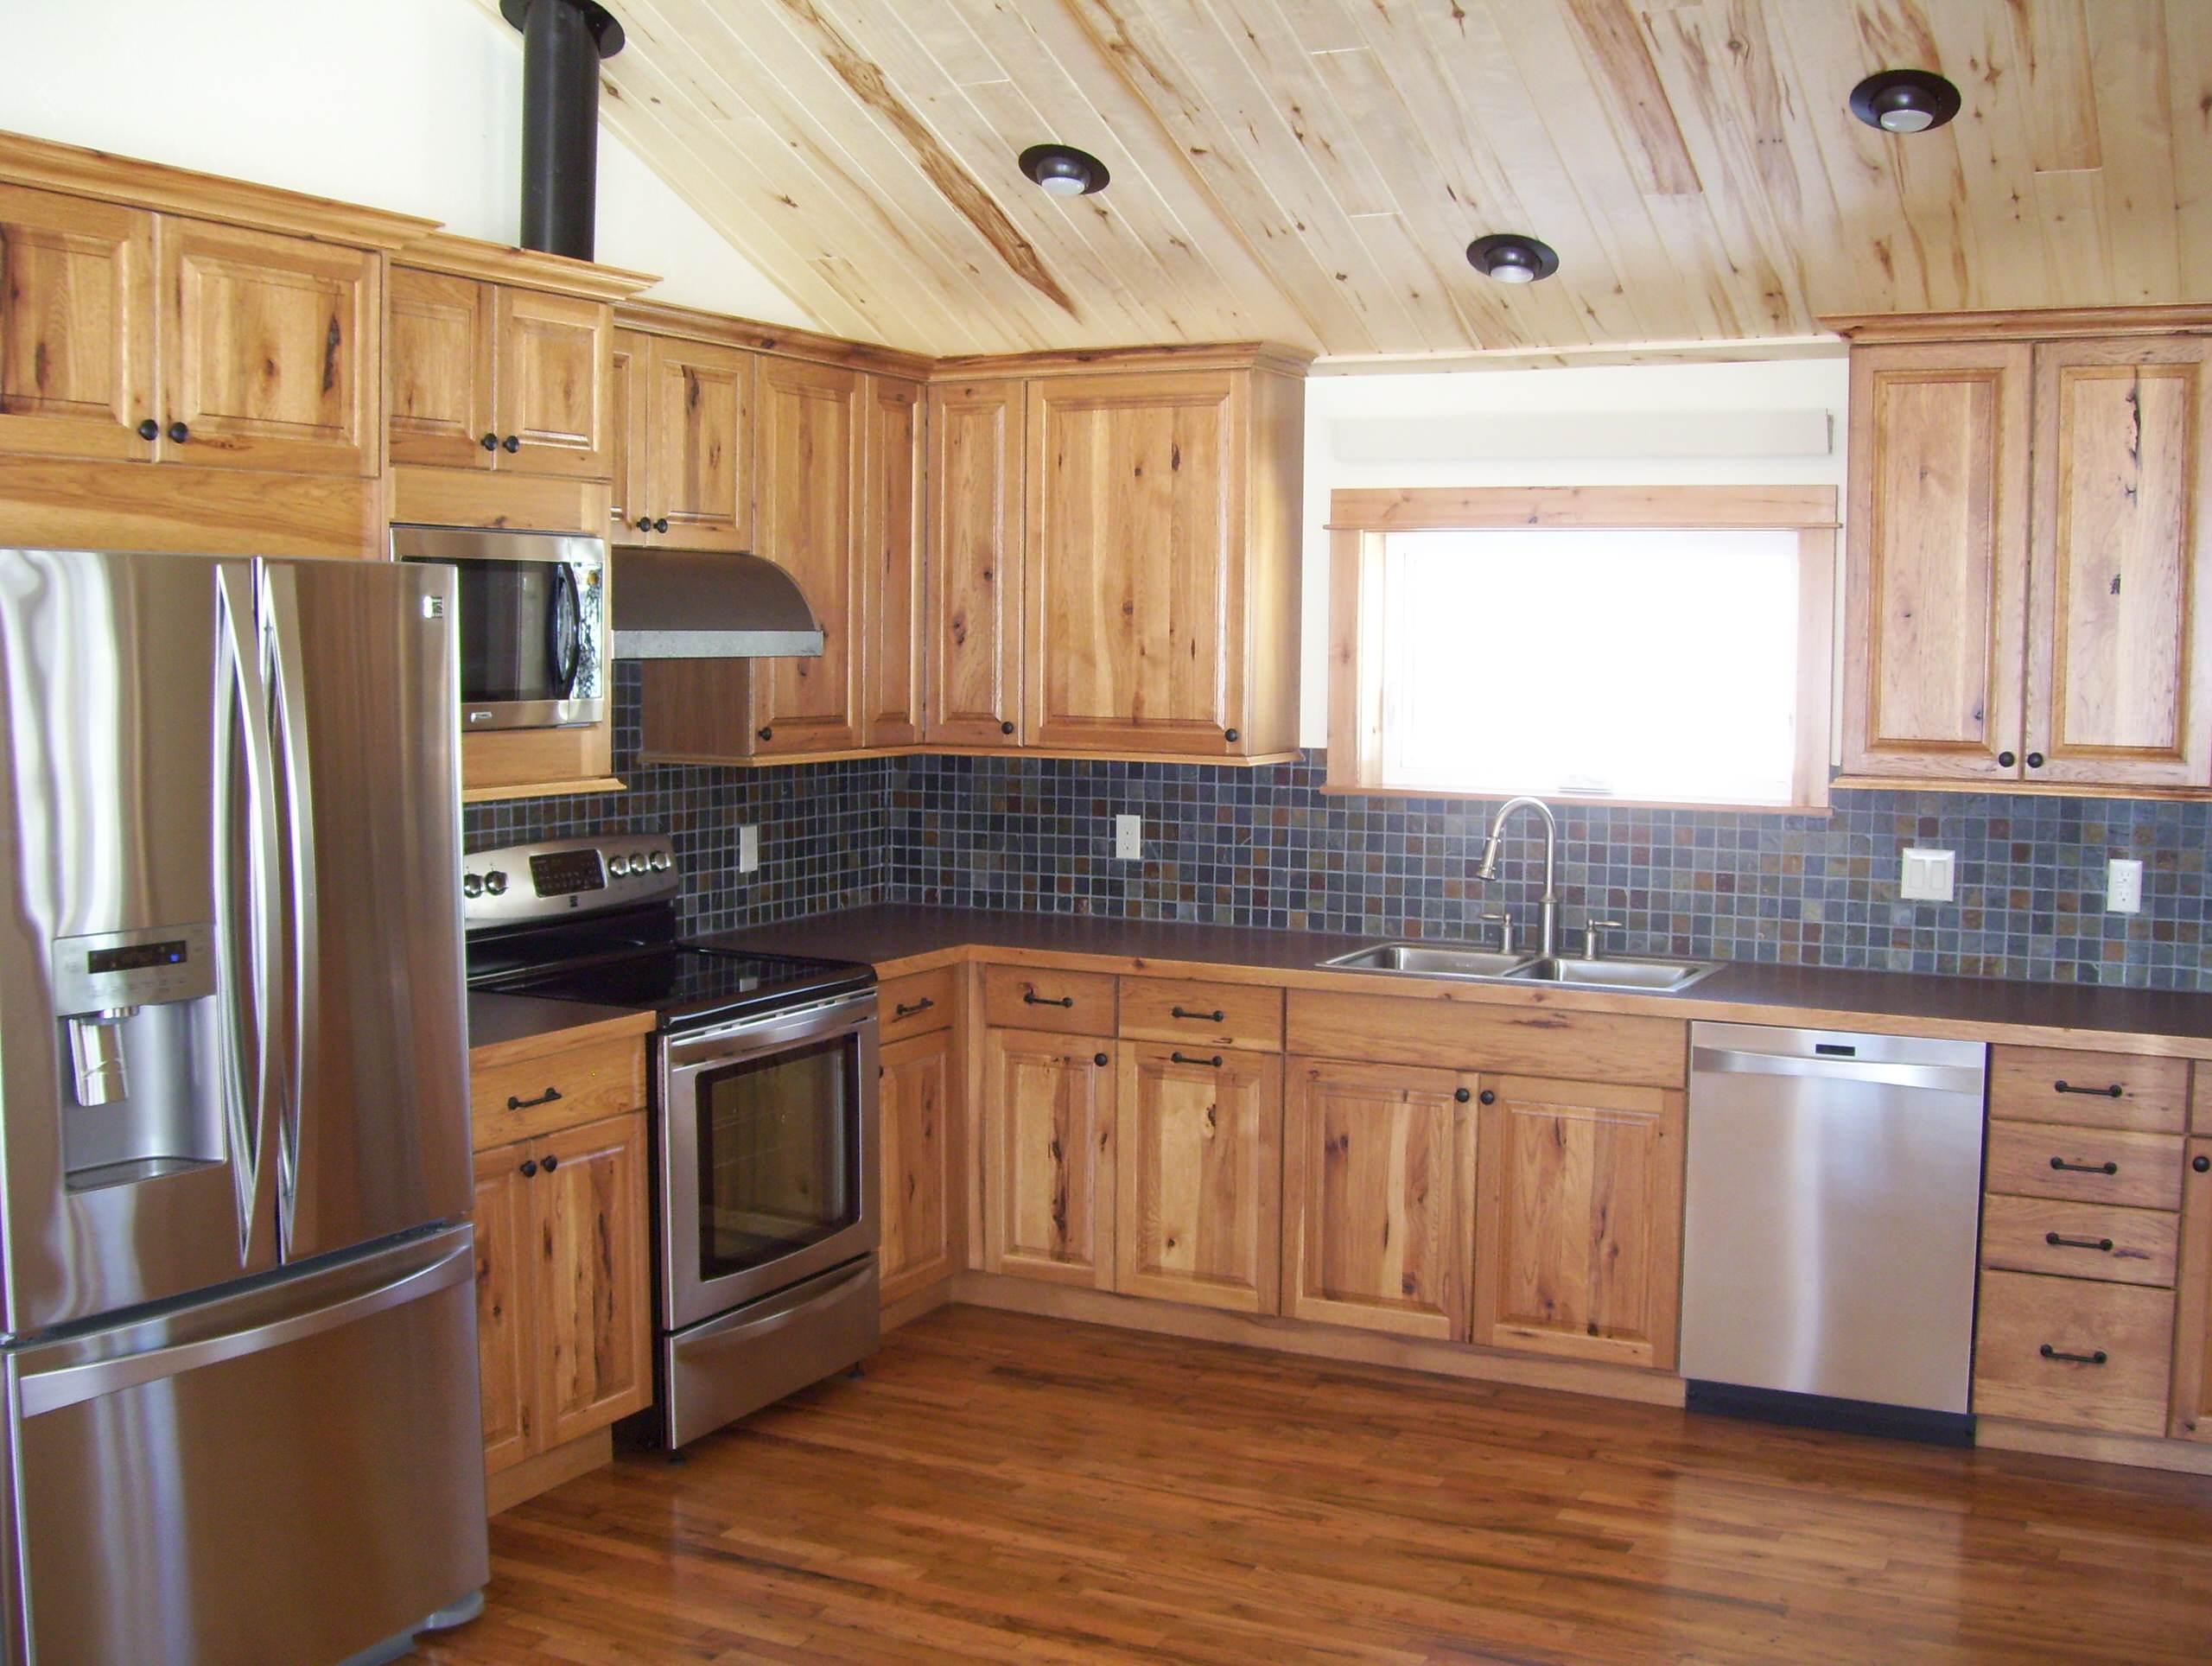 Medium sized kitchens